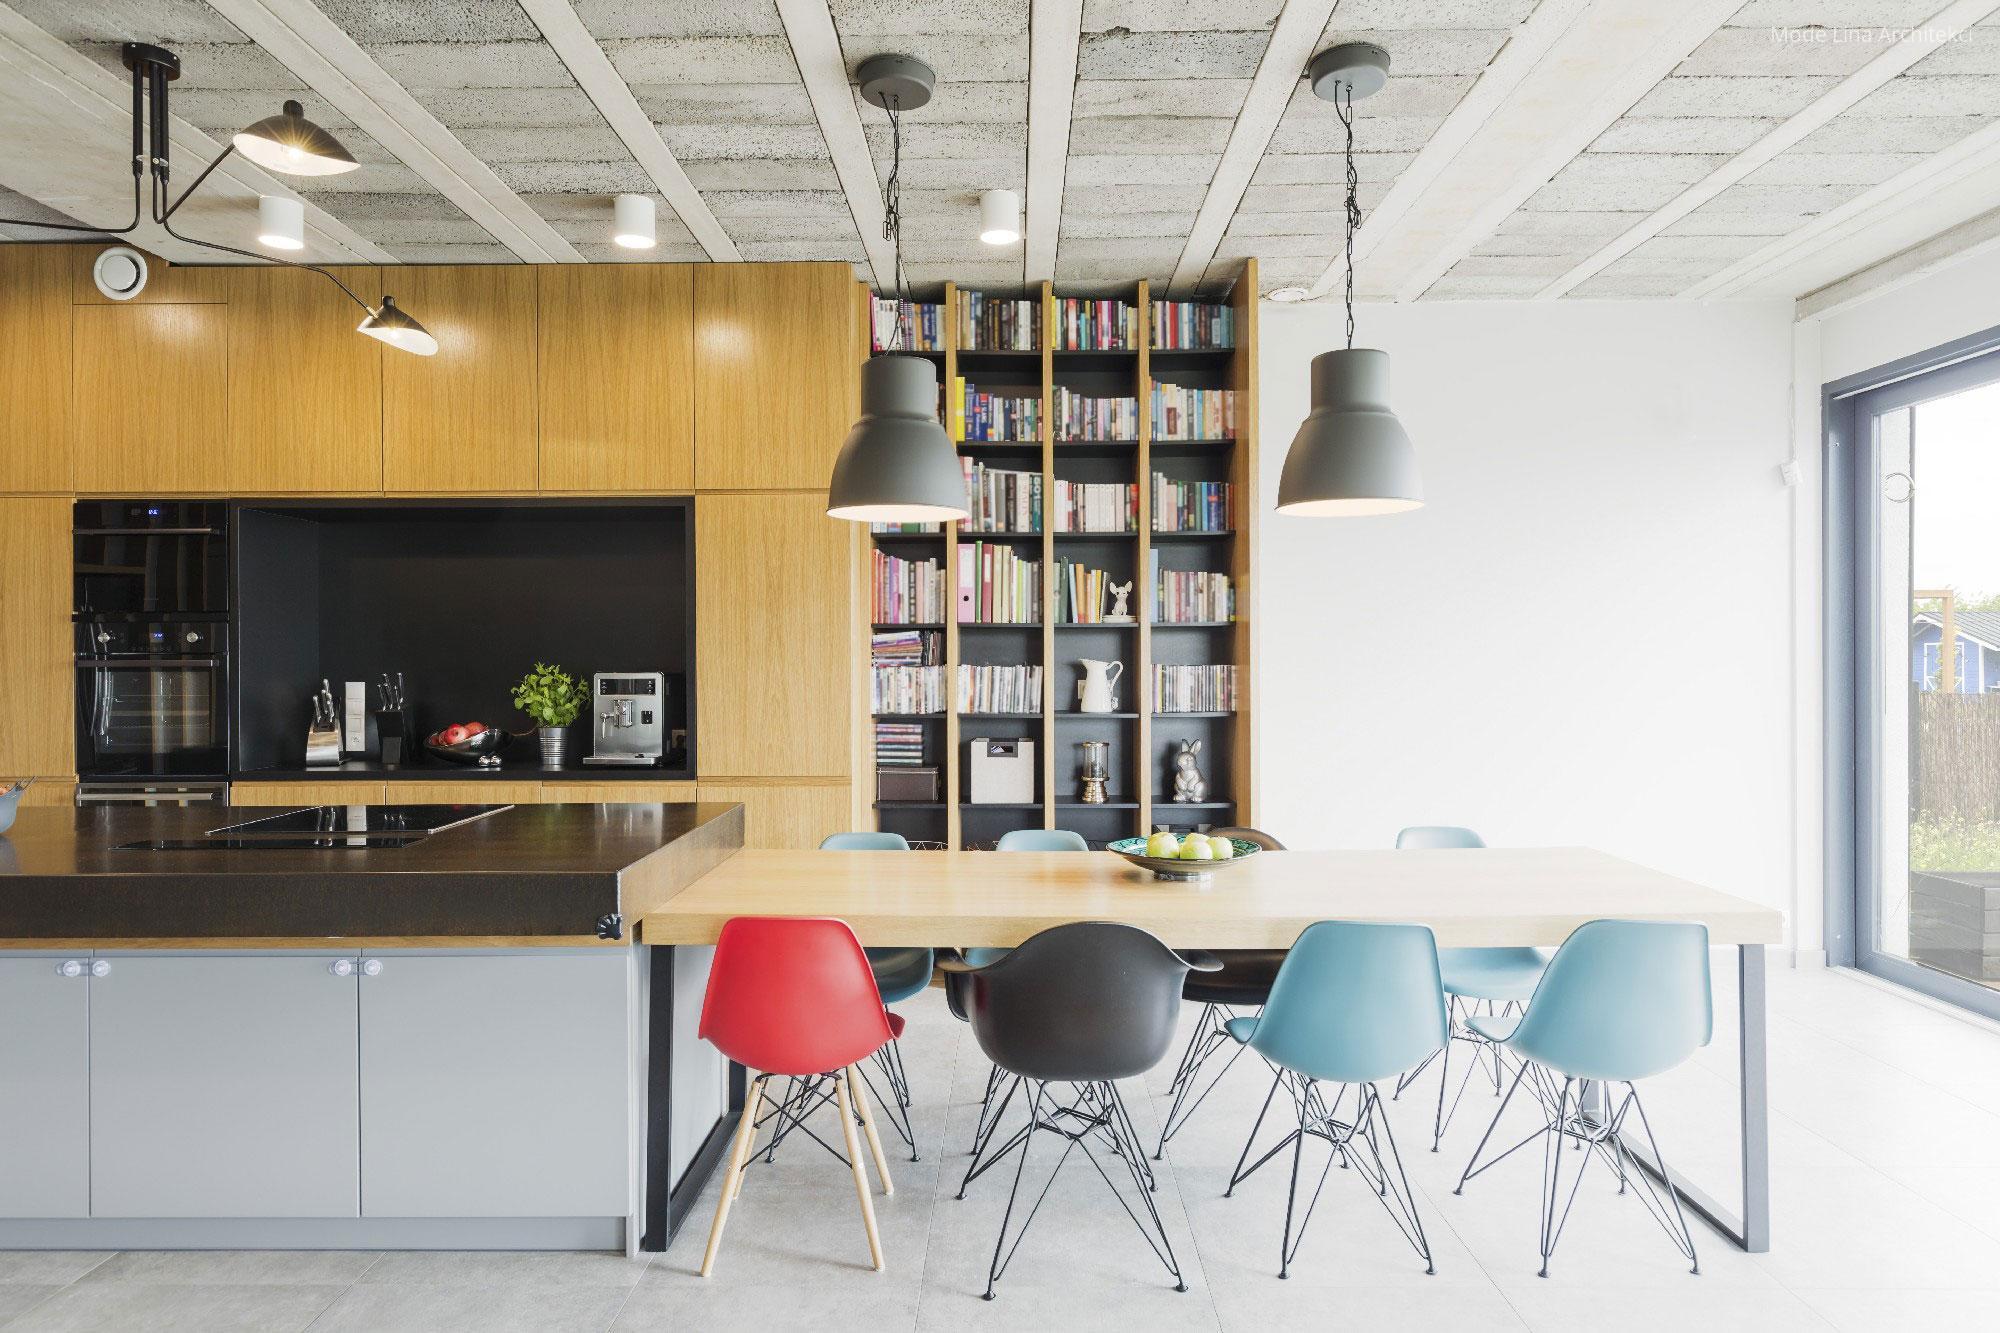 Ipari lámpák az étkezőasztal fölött // HOMEINFO.hu - Inspirációtár